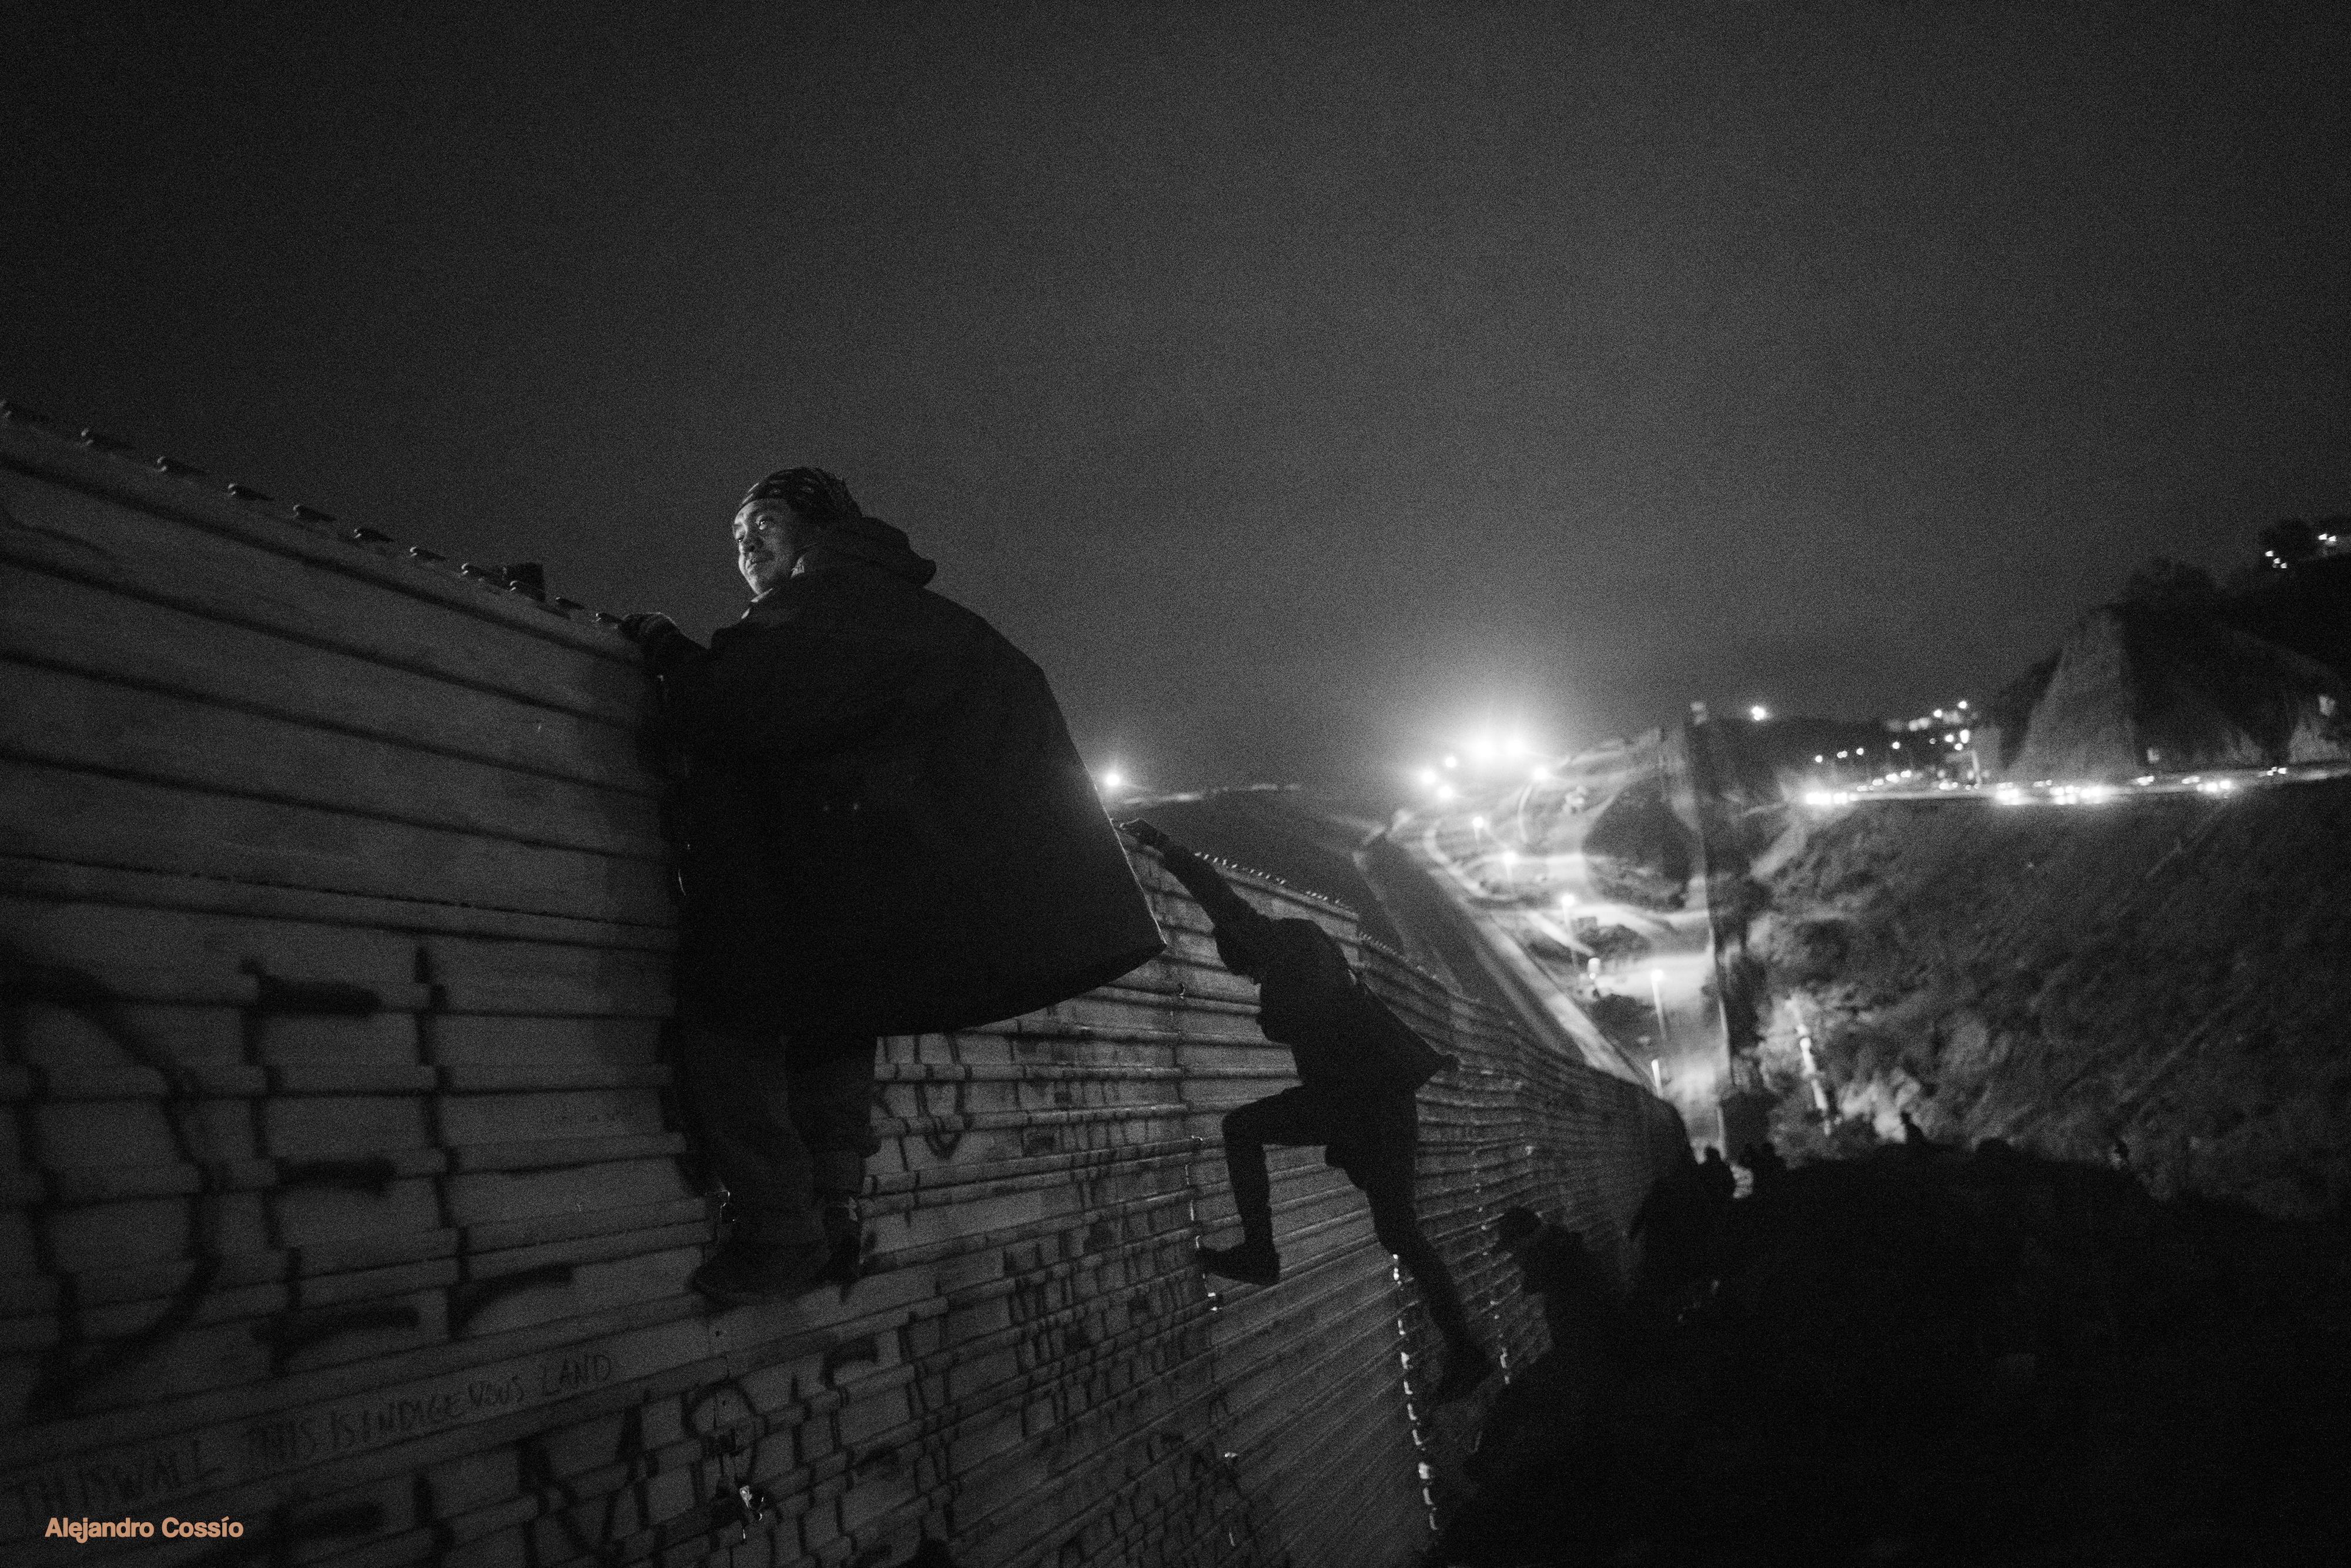 Brincando el cerco/ Jumping the fence